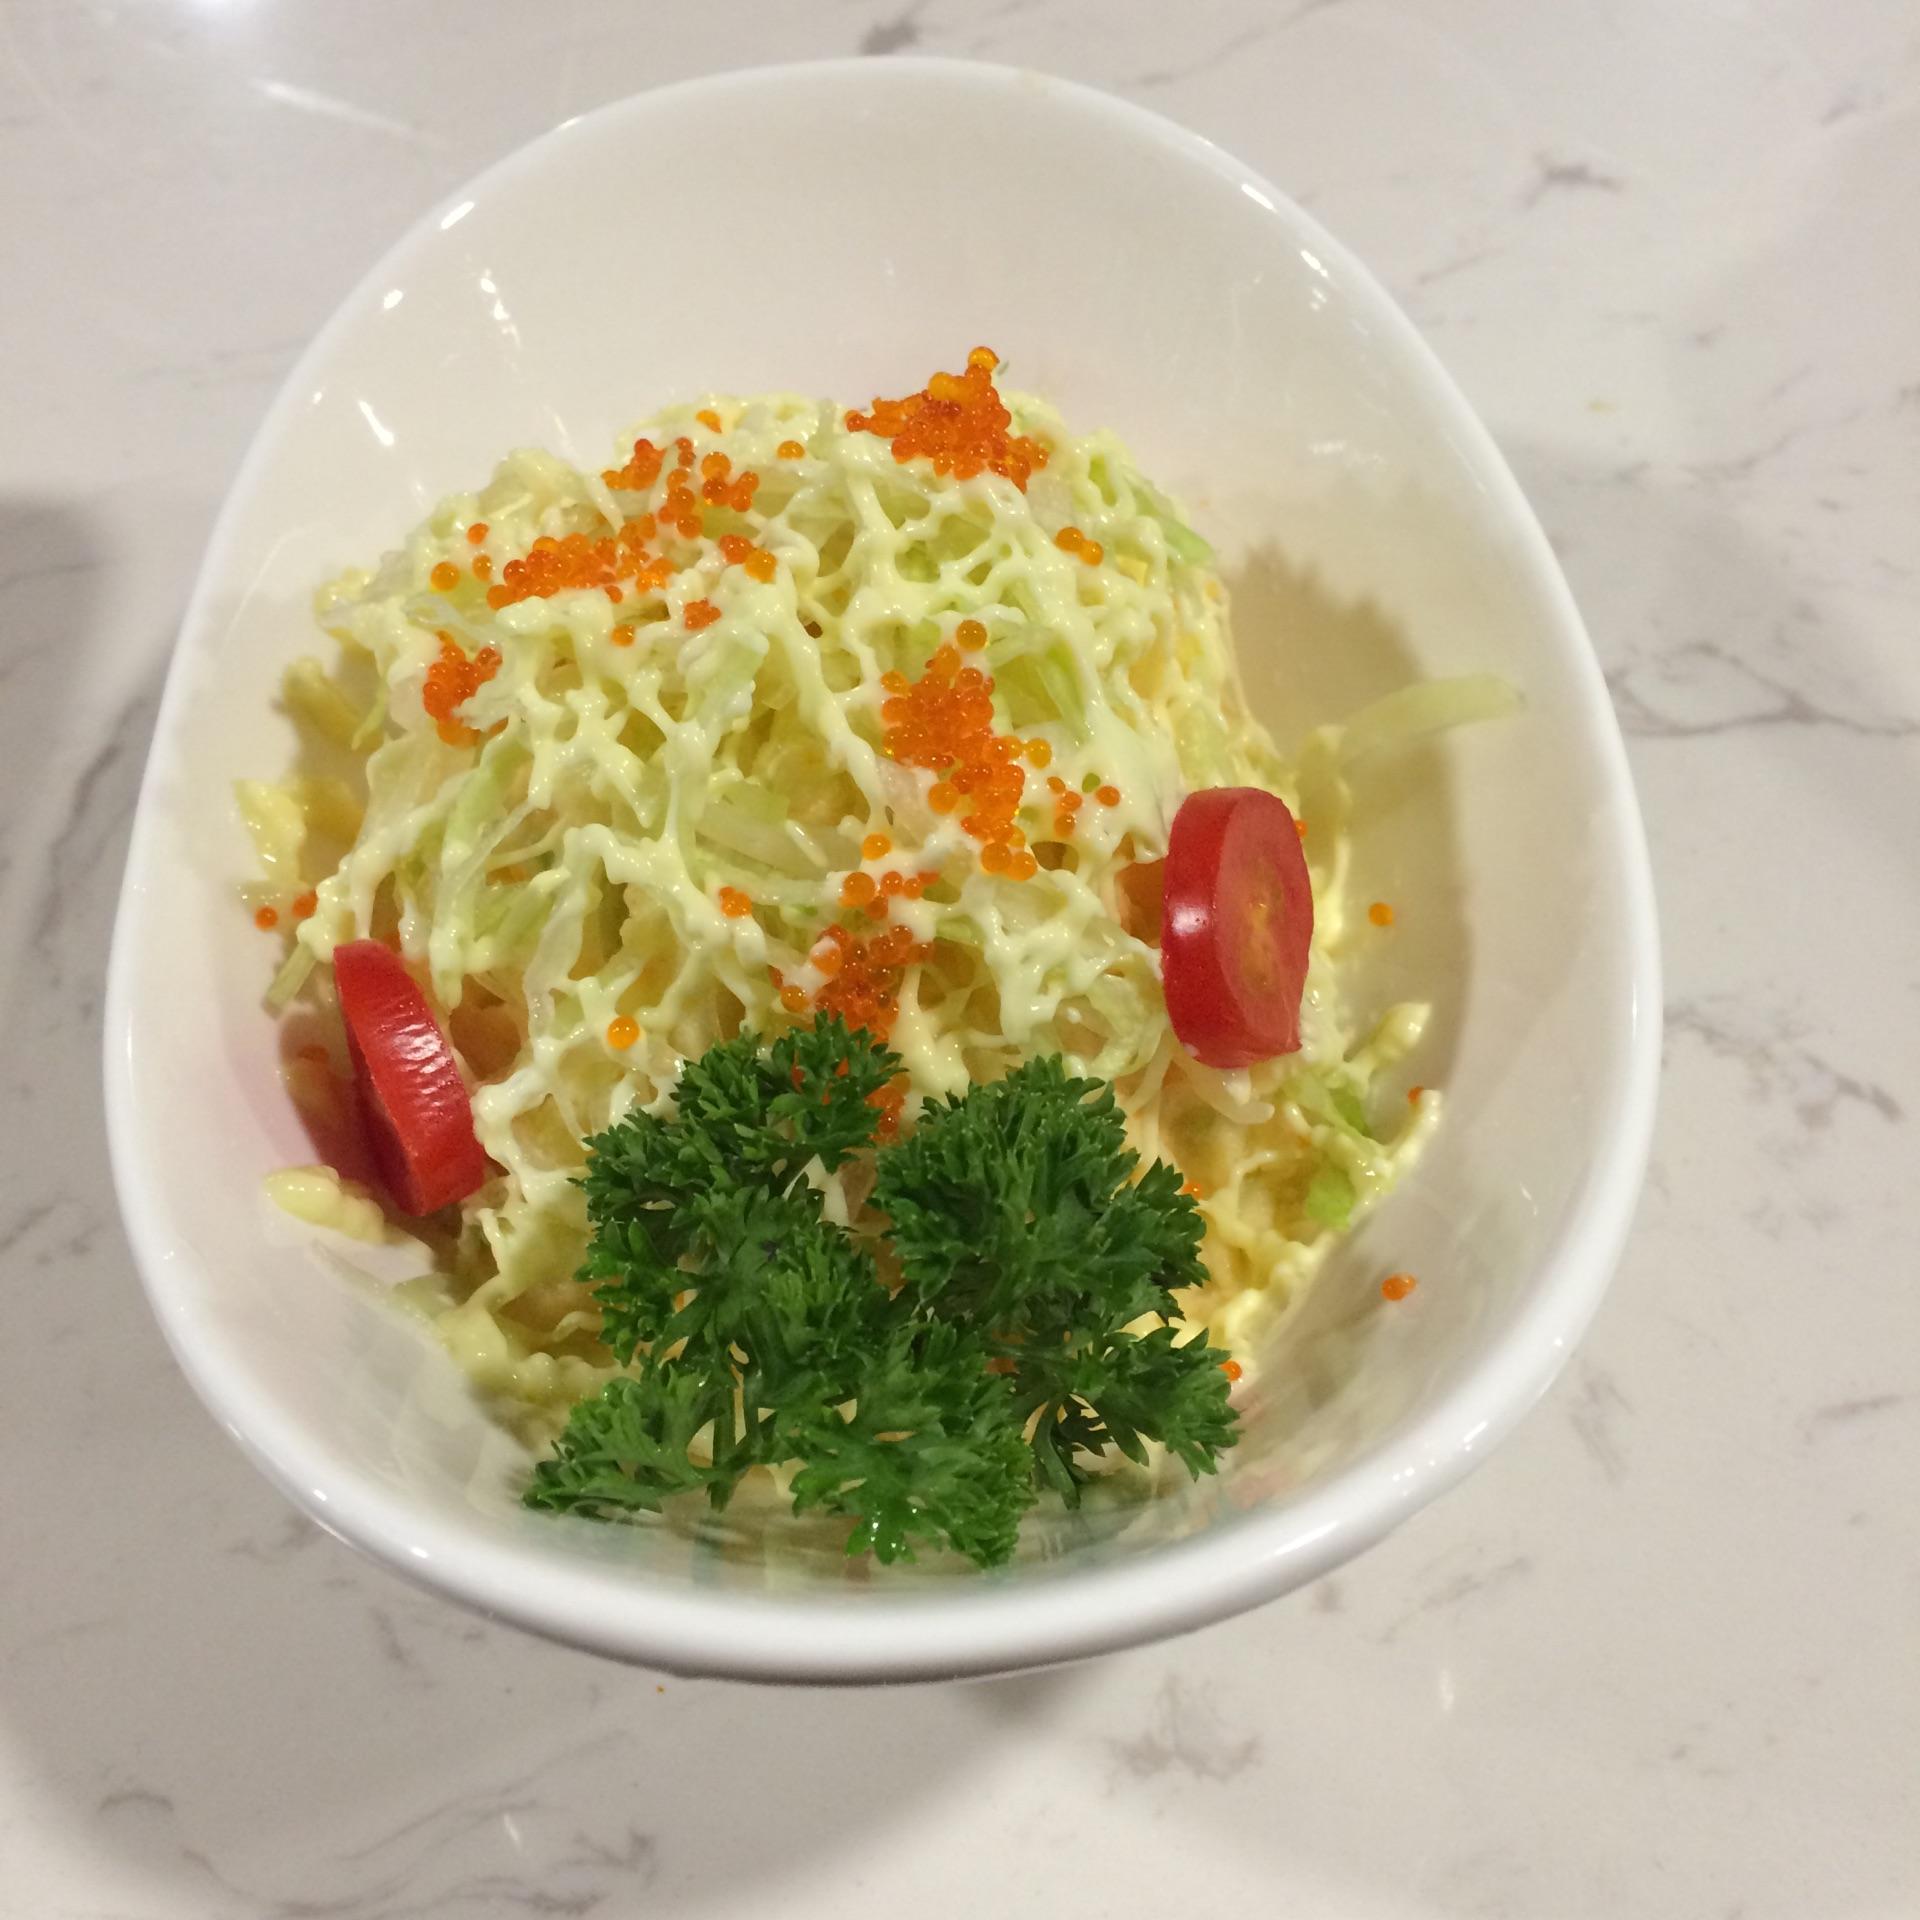 土豆沙拉的做法_【图解】土豆沙拉怎么做如何做好吃